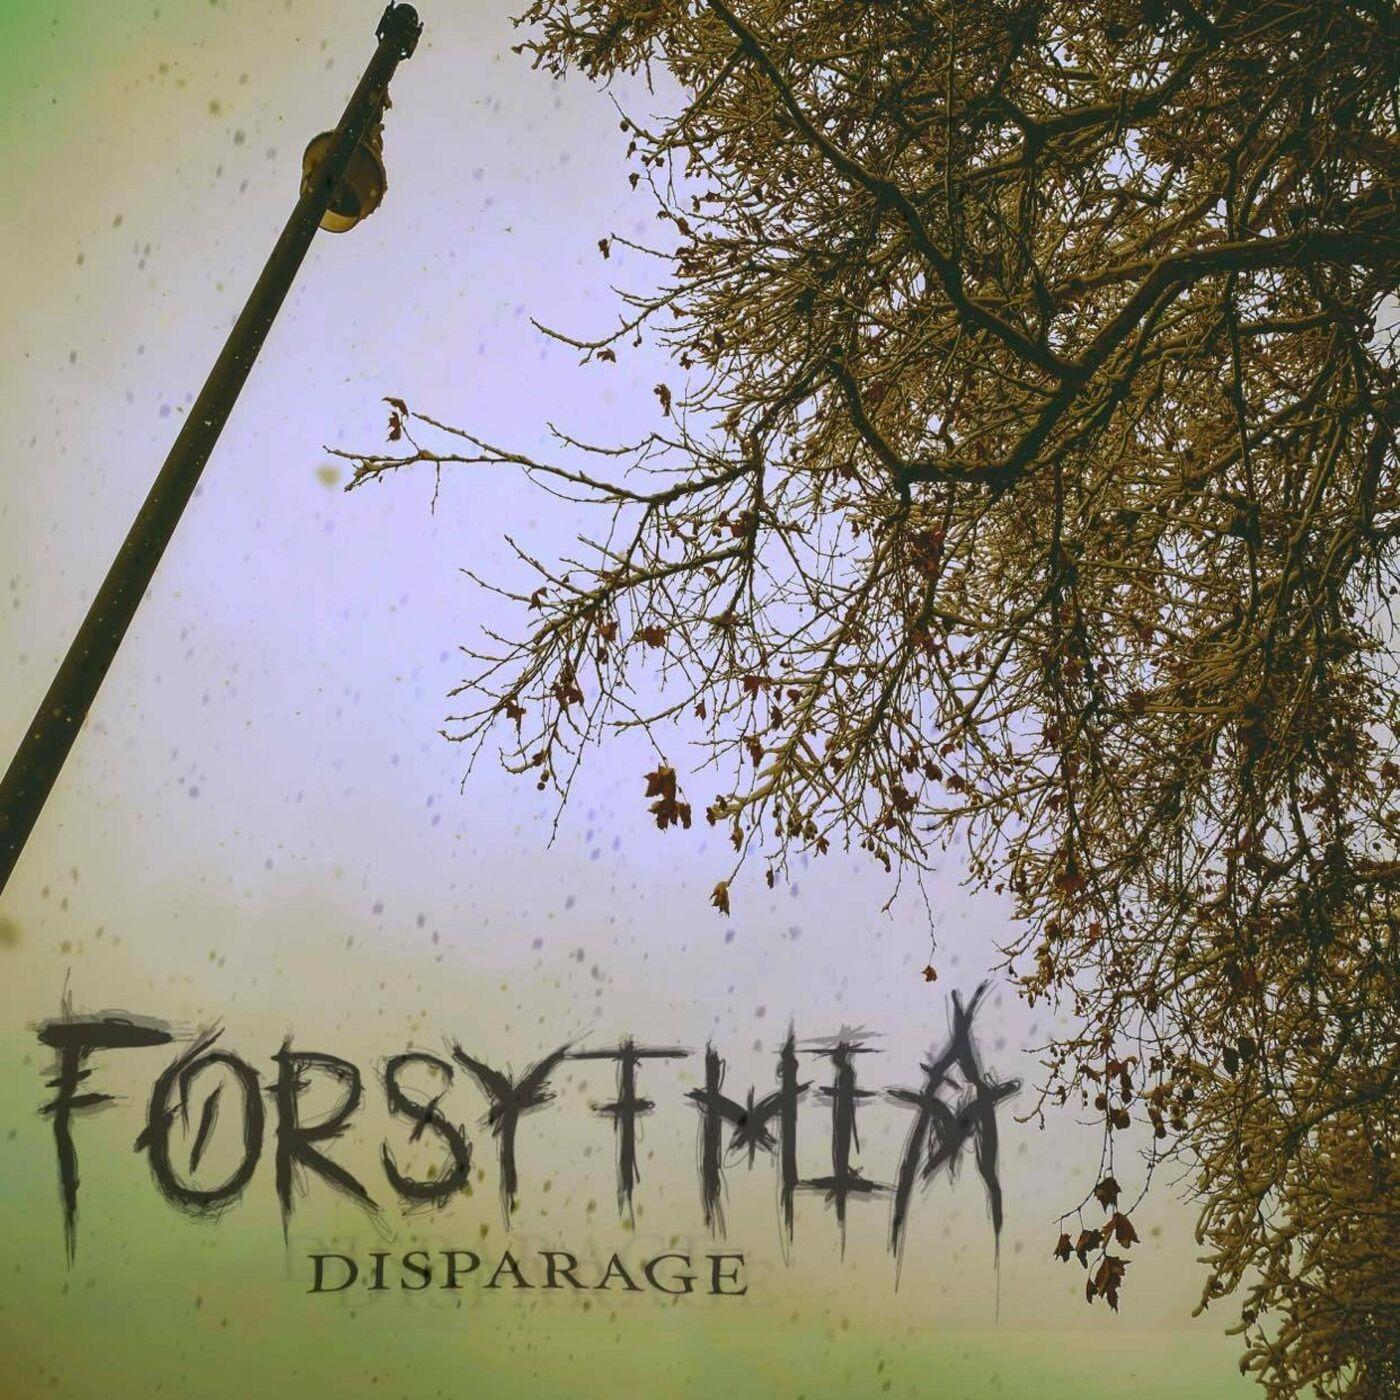 Forsythia - Disparage [single] (2021)